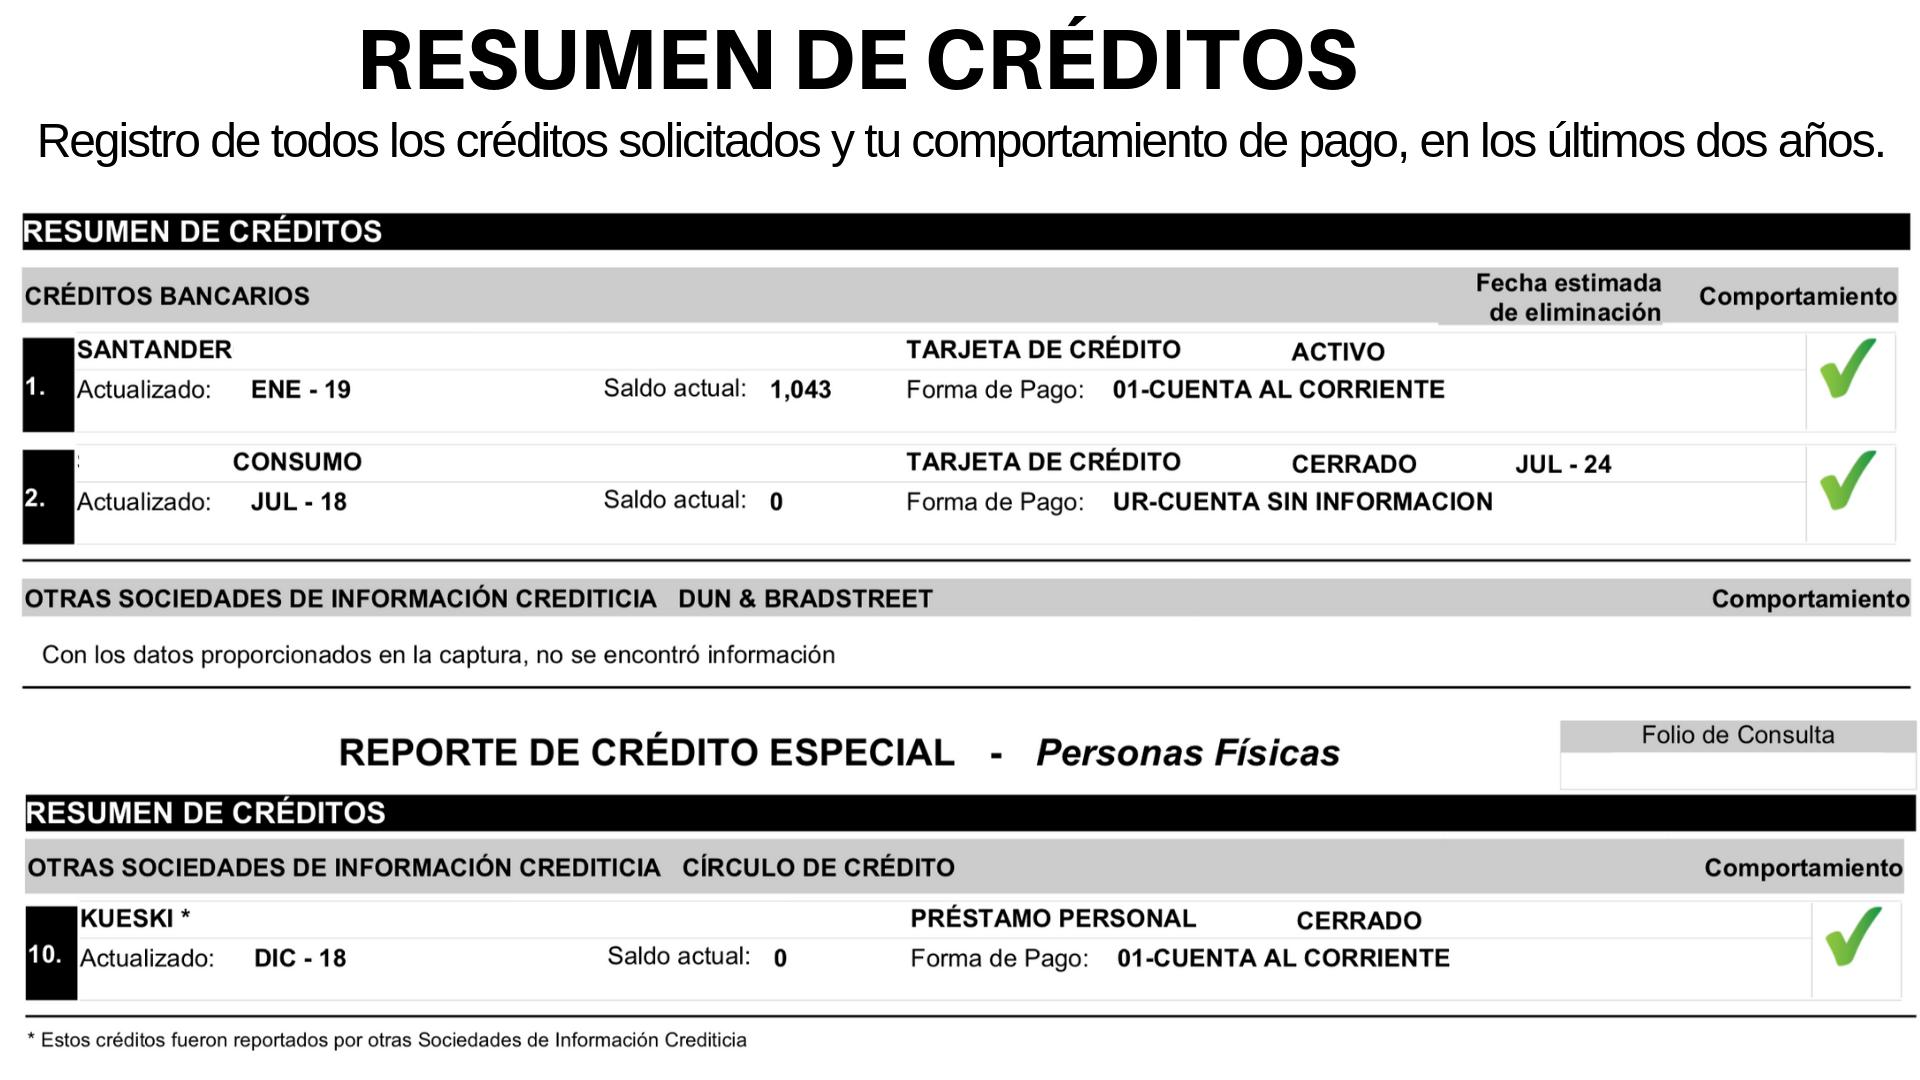 Resumen de créditos- reporte de crédito especial